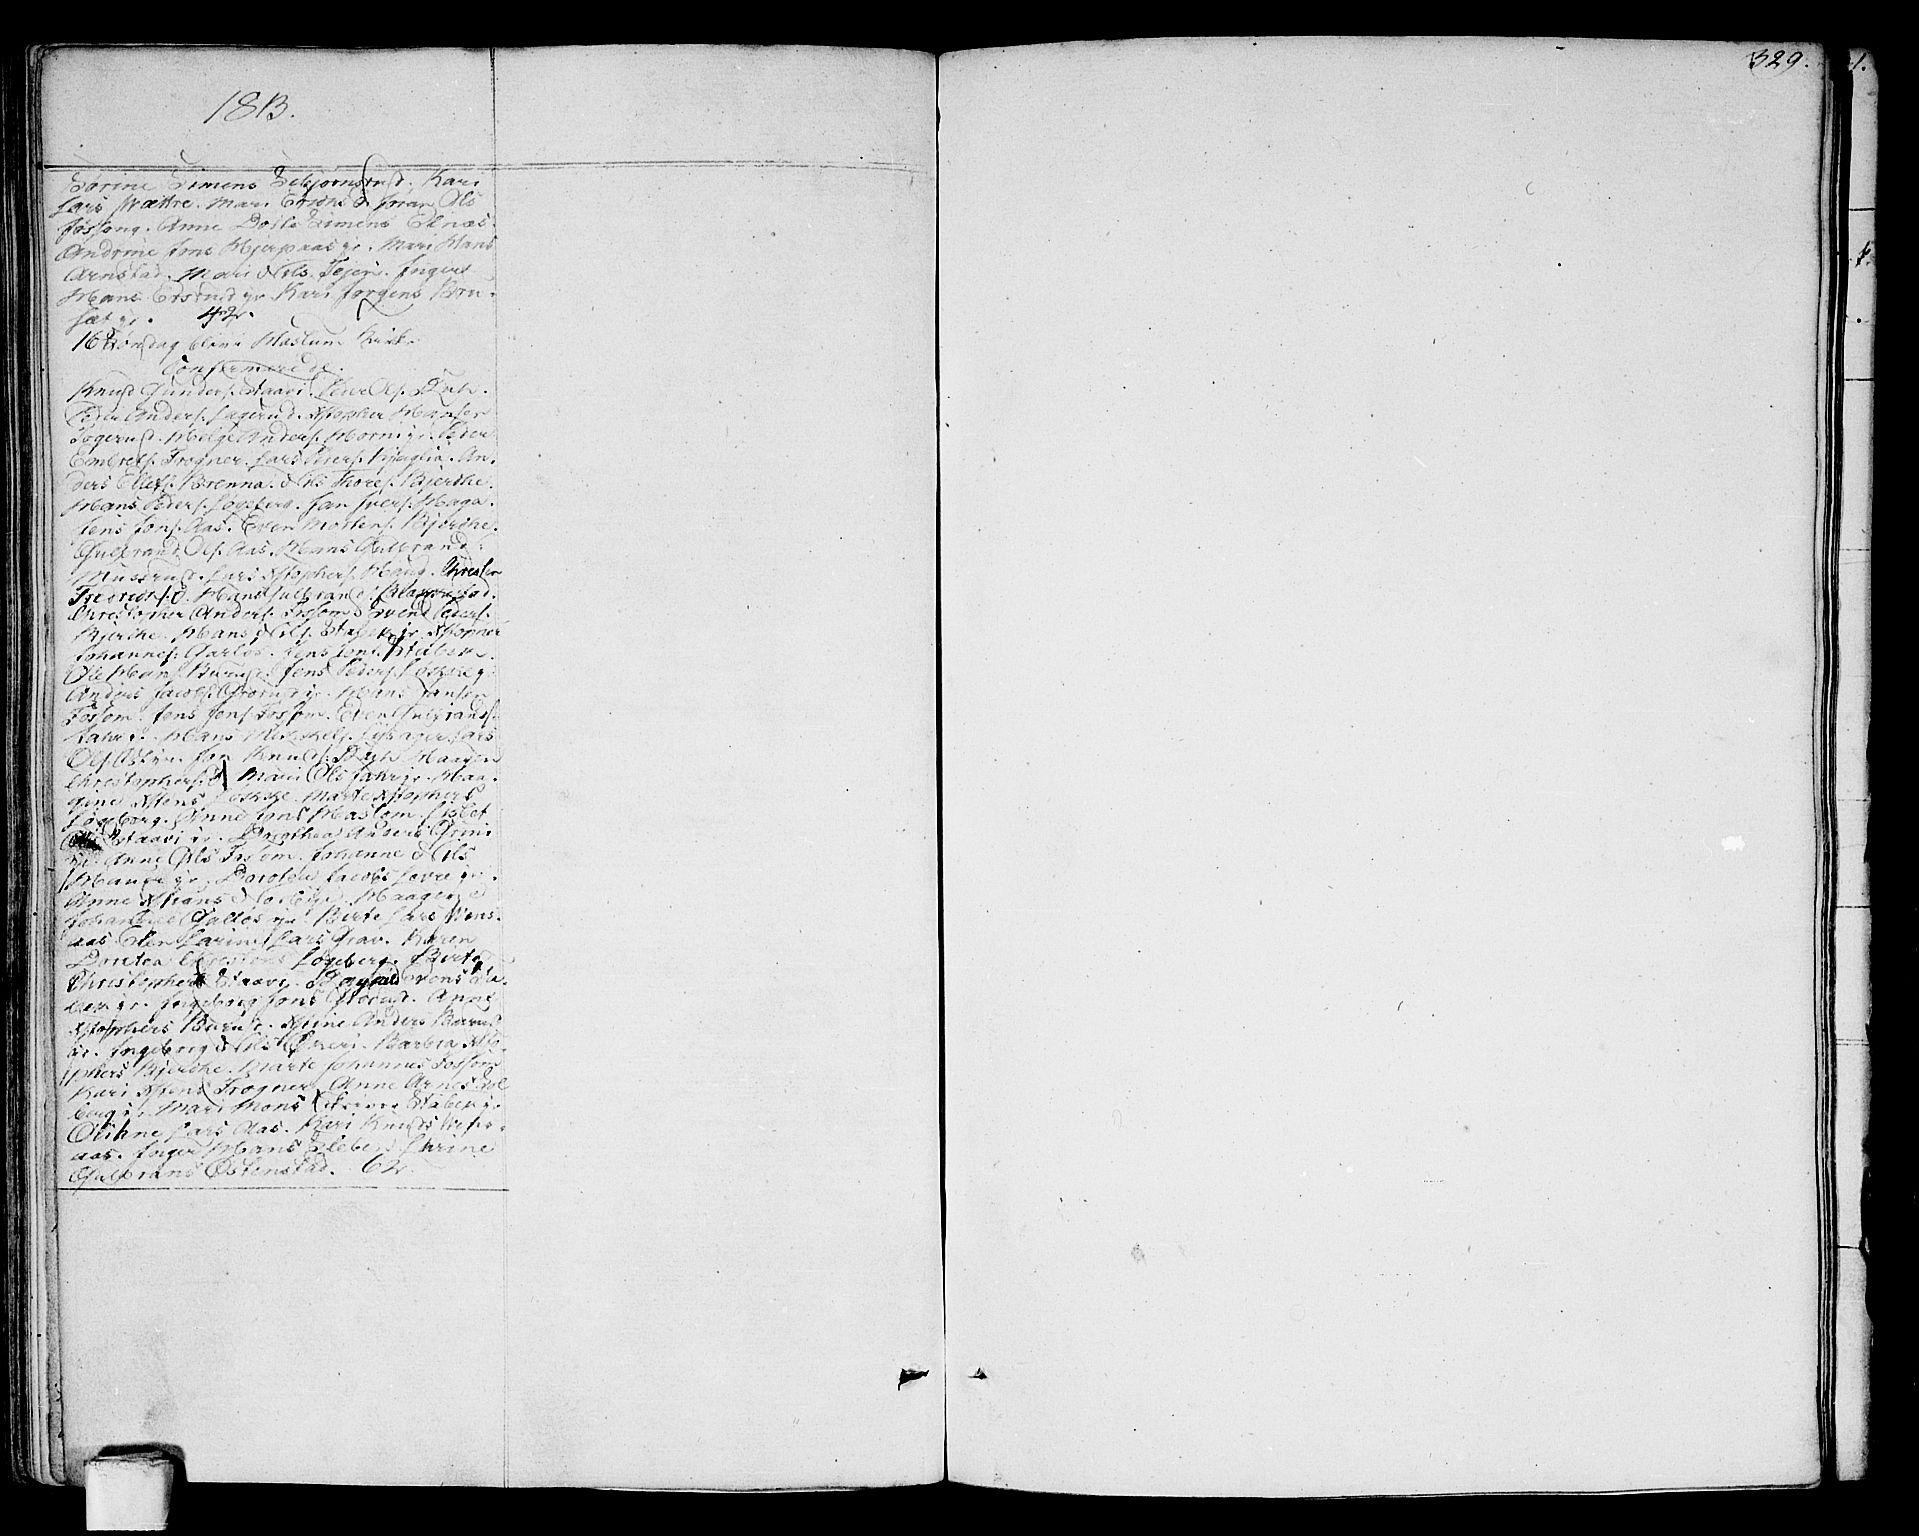 SAO, Asker prestekontor Kirkebøker, F/Fa/L0005: Ministerialbok nr. I 5, 1807-1813, s. 329